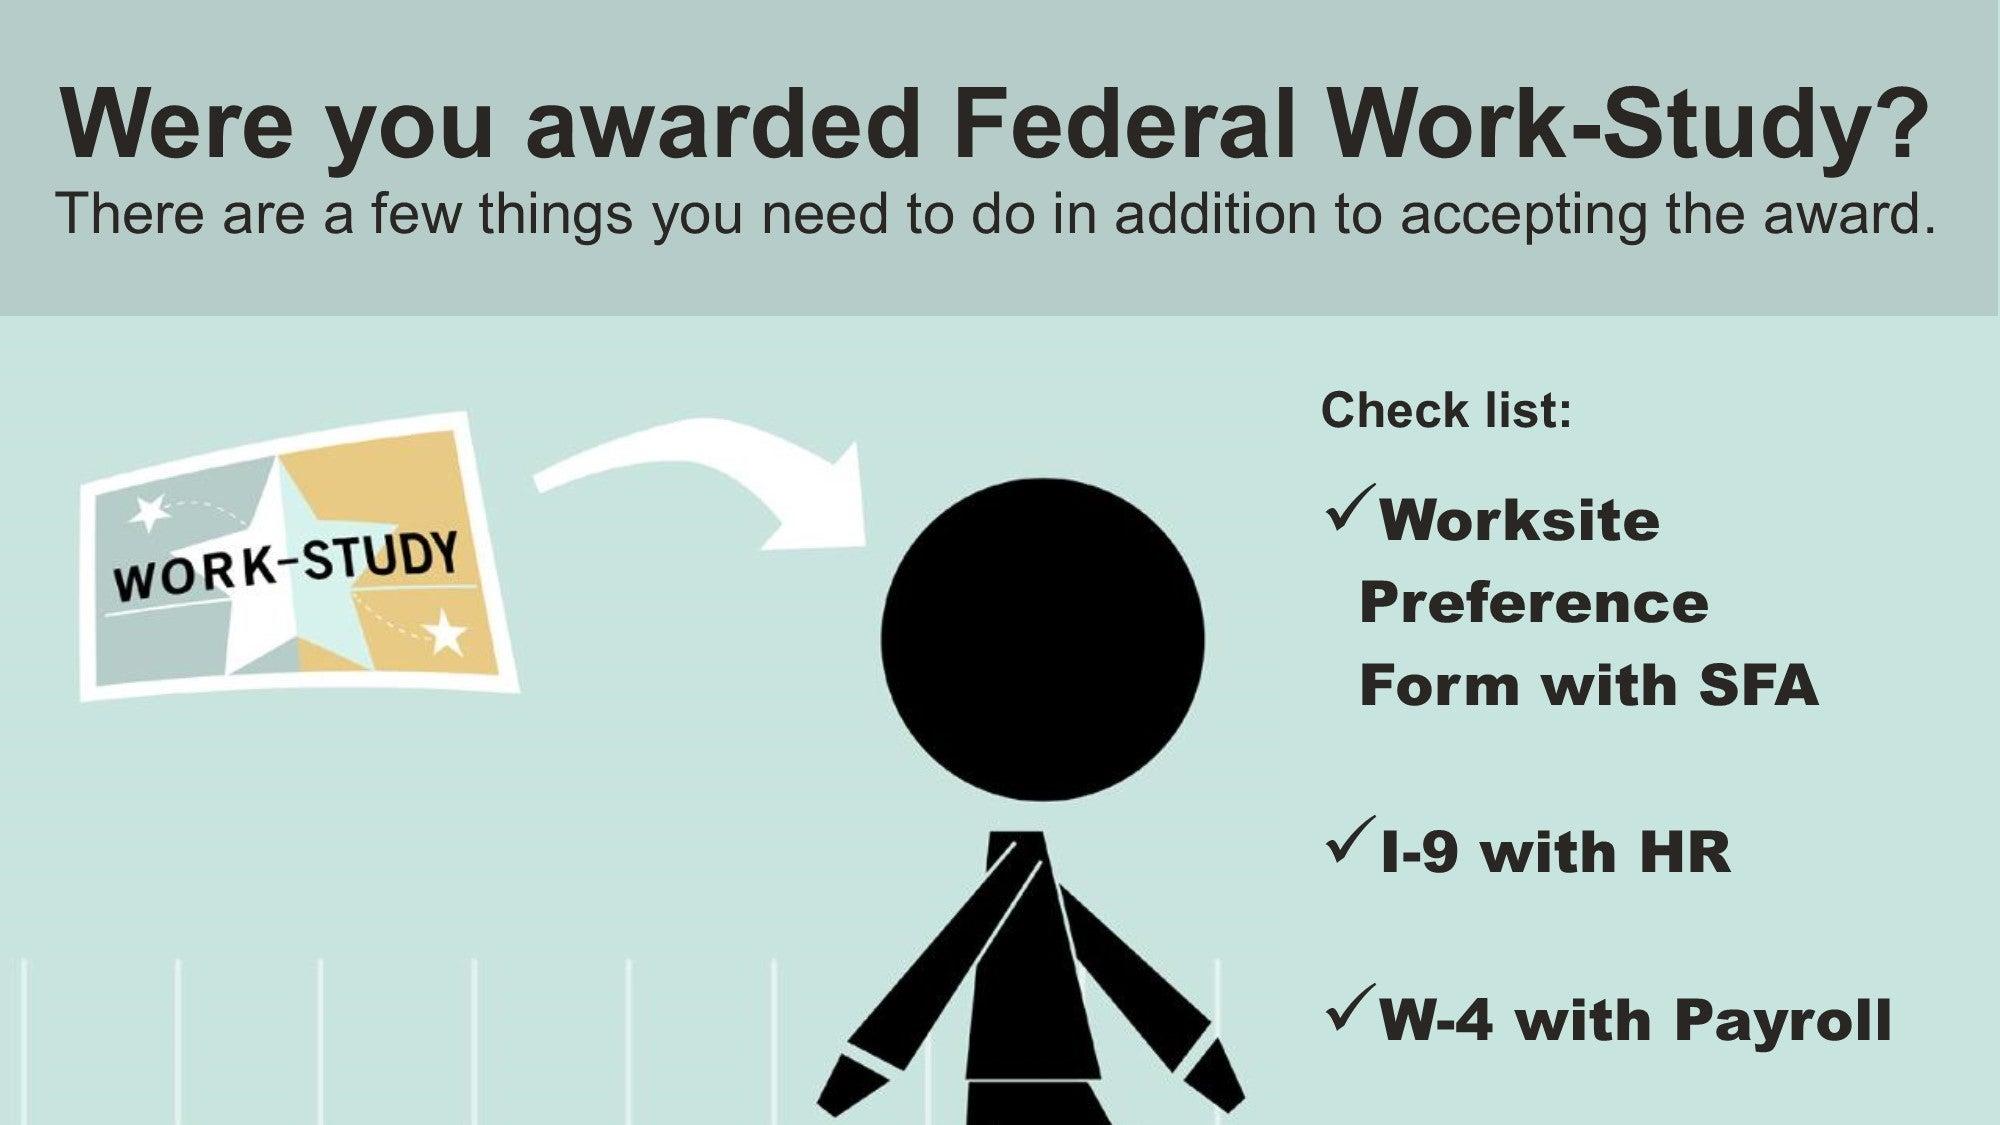 CWS check list